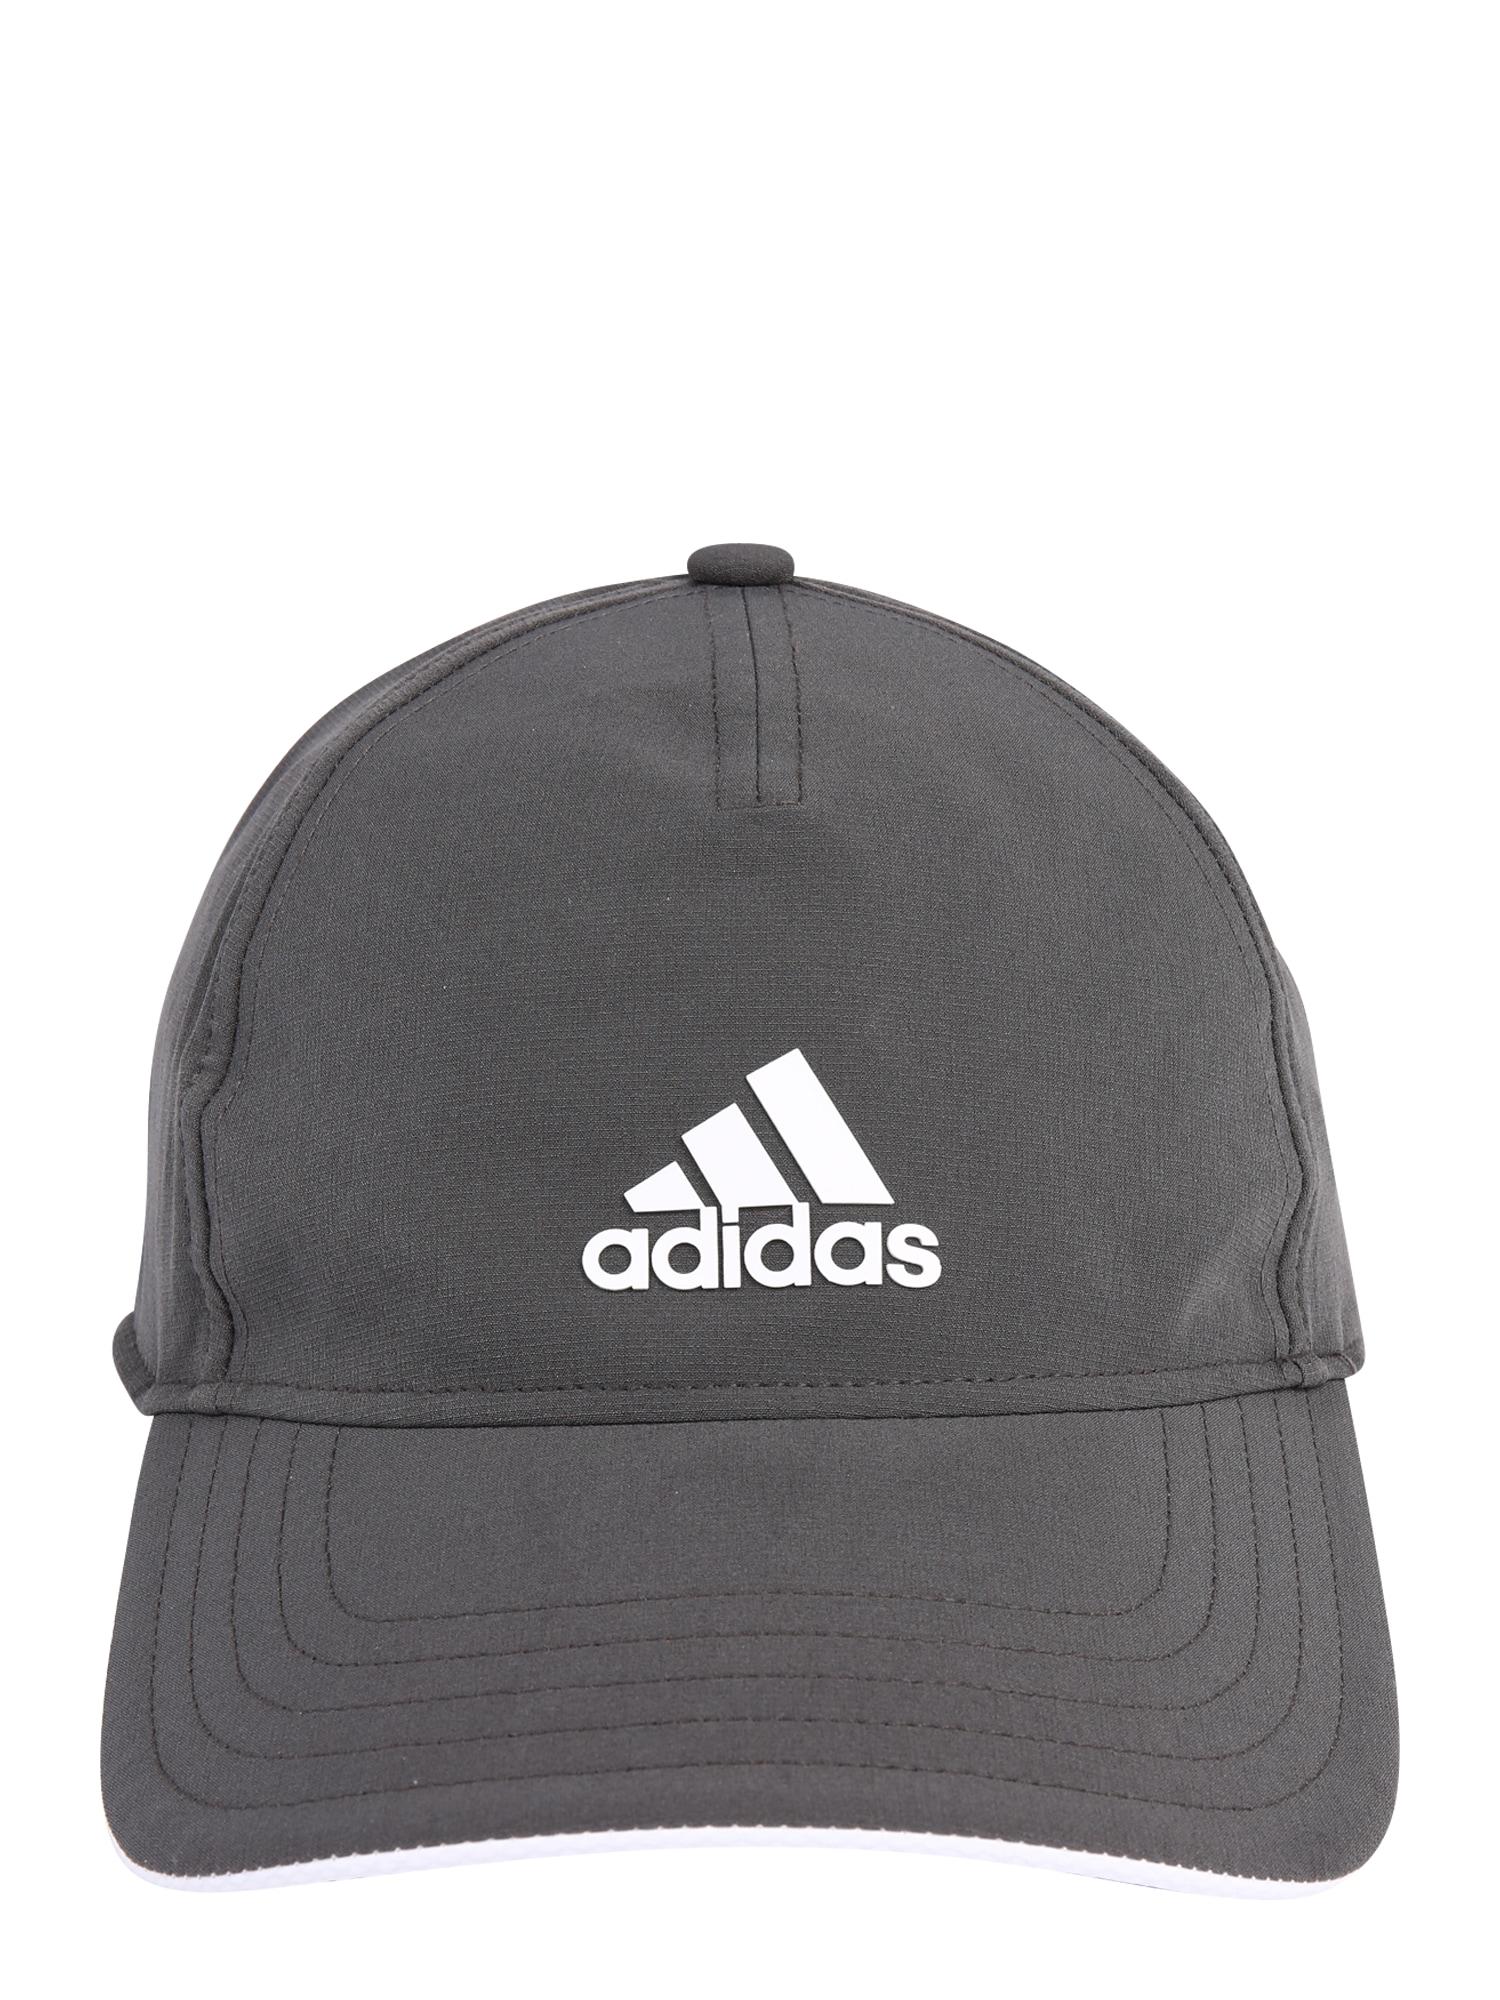 ADIDAS PERFORMANCE Sportinė kepurė tamsiai pilka / balta